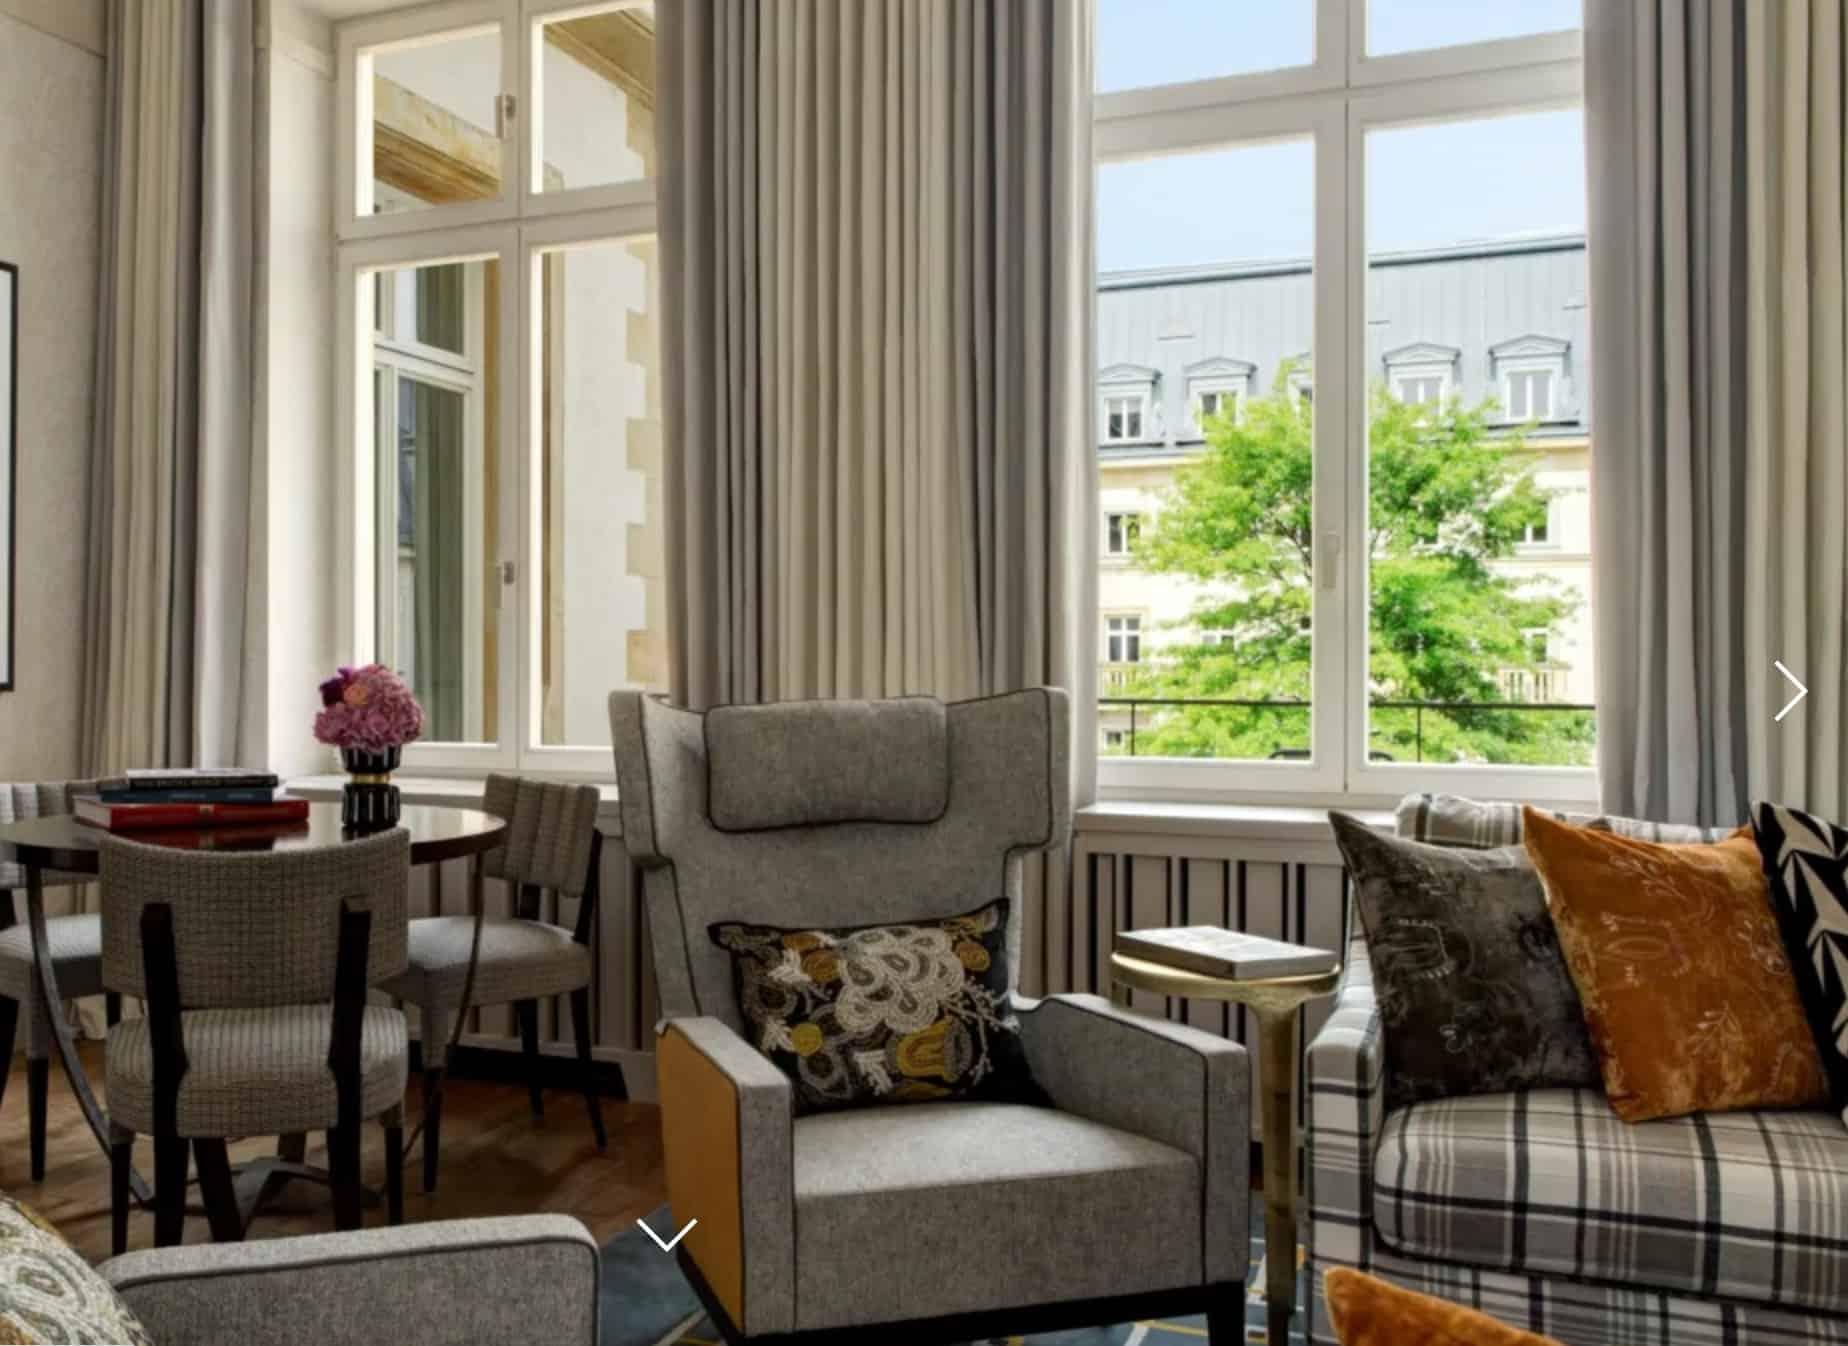 European Home Decor Ideas Design Morsels